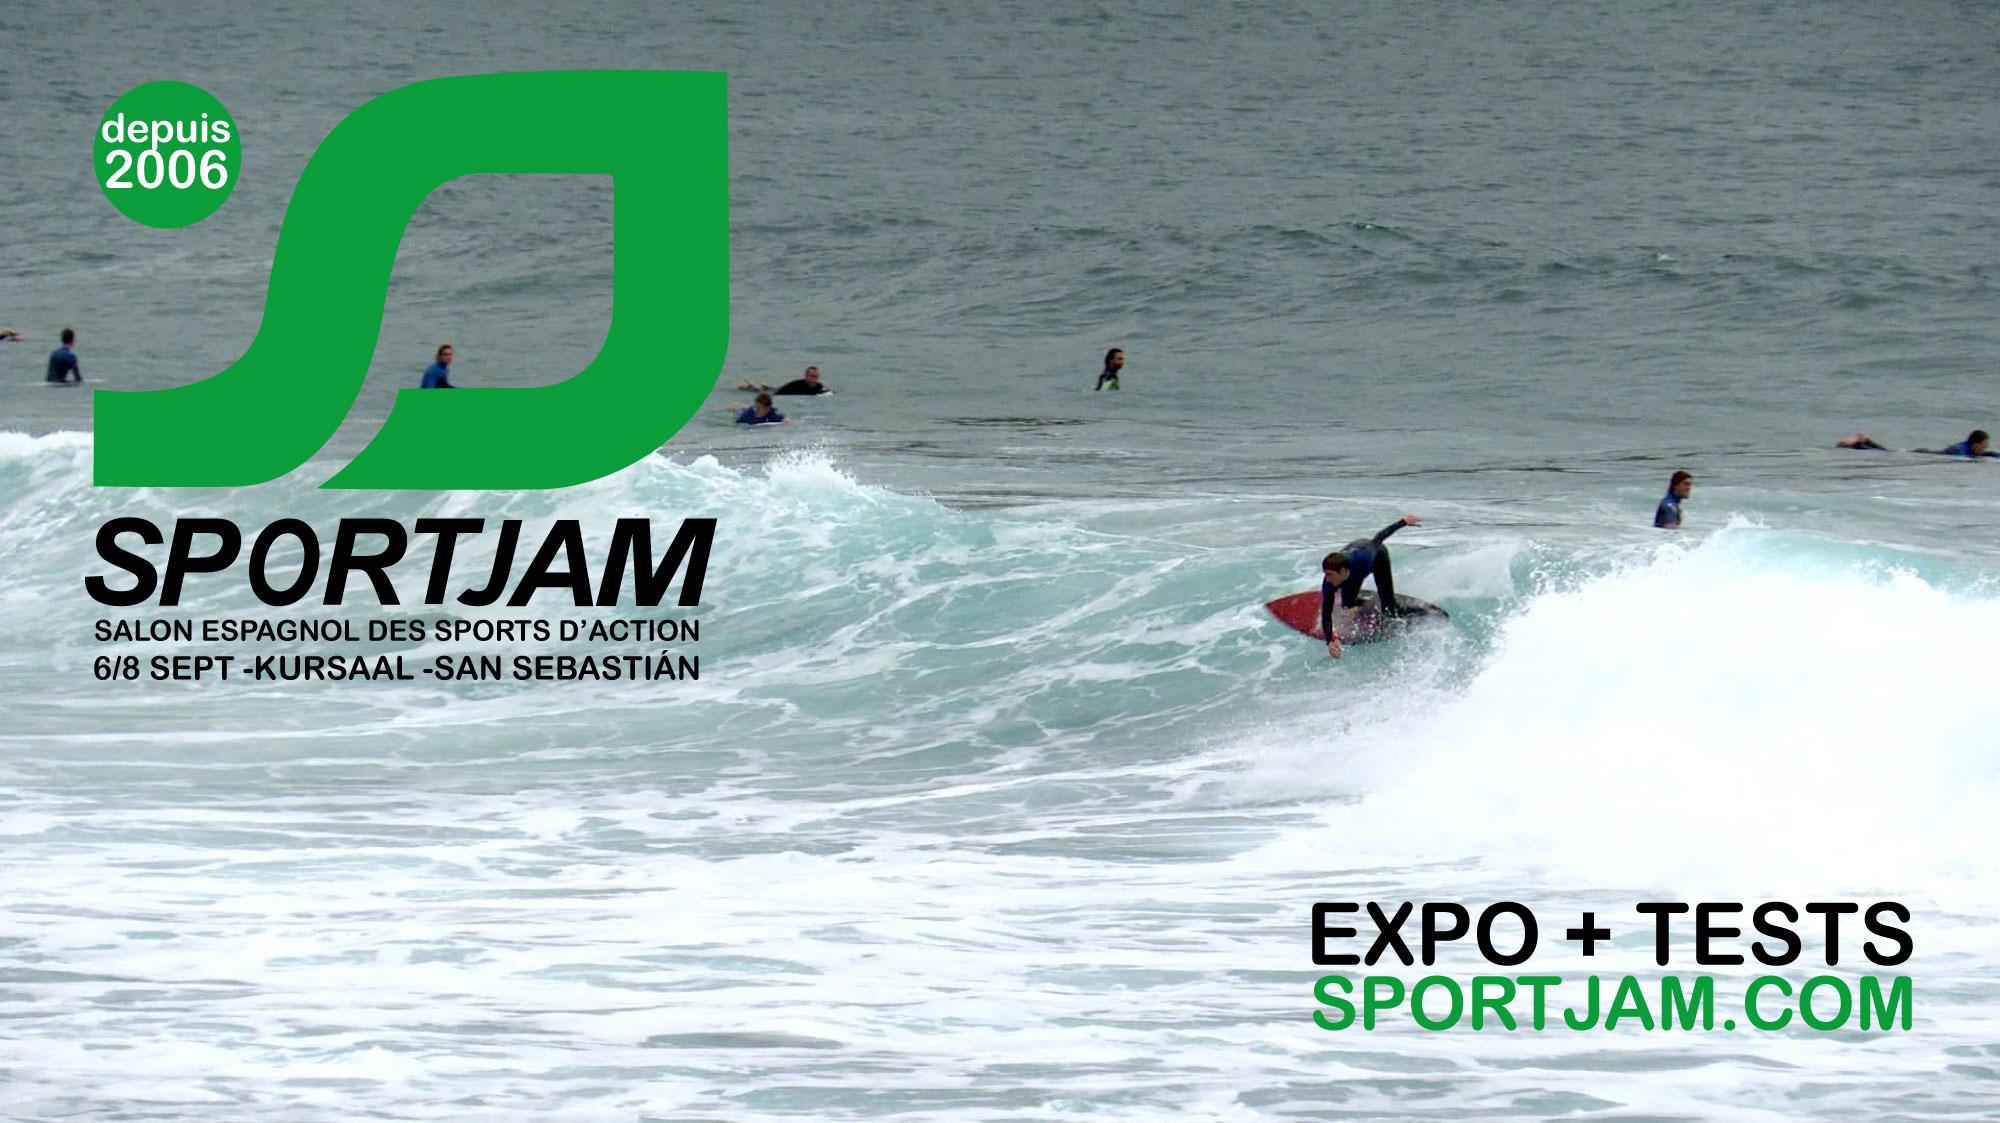 Le salon Sportjam 2019 aura lieu du 6 au 8 septembre dans le parc expo Kursaal de San Sebastián.